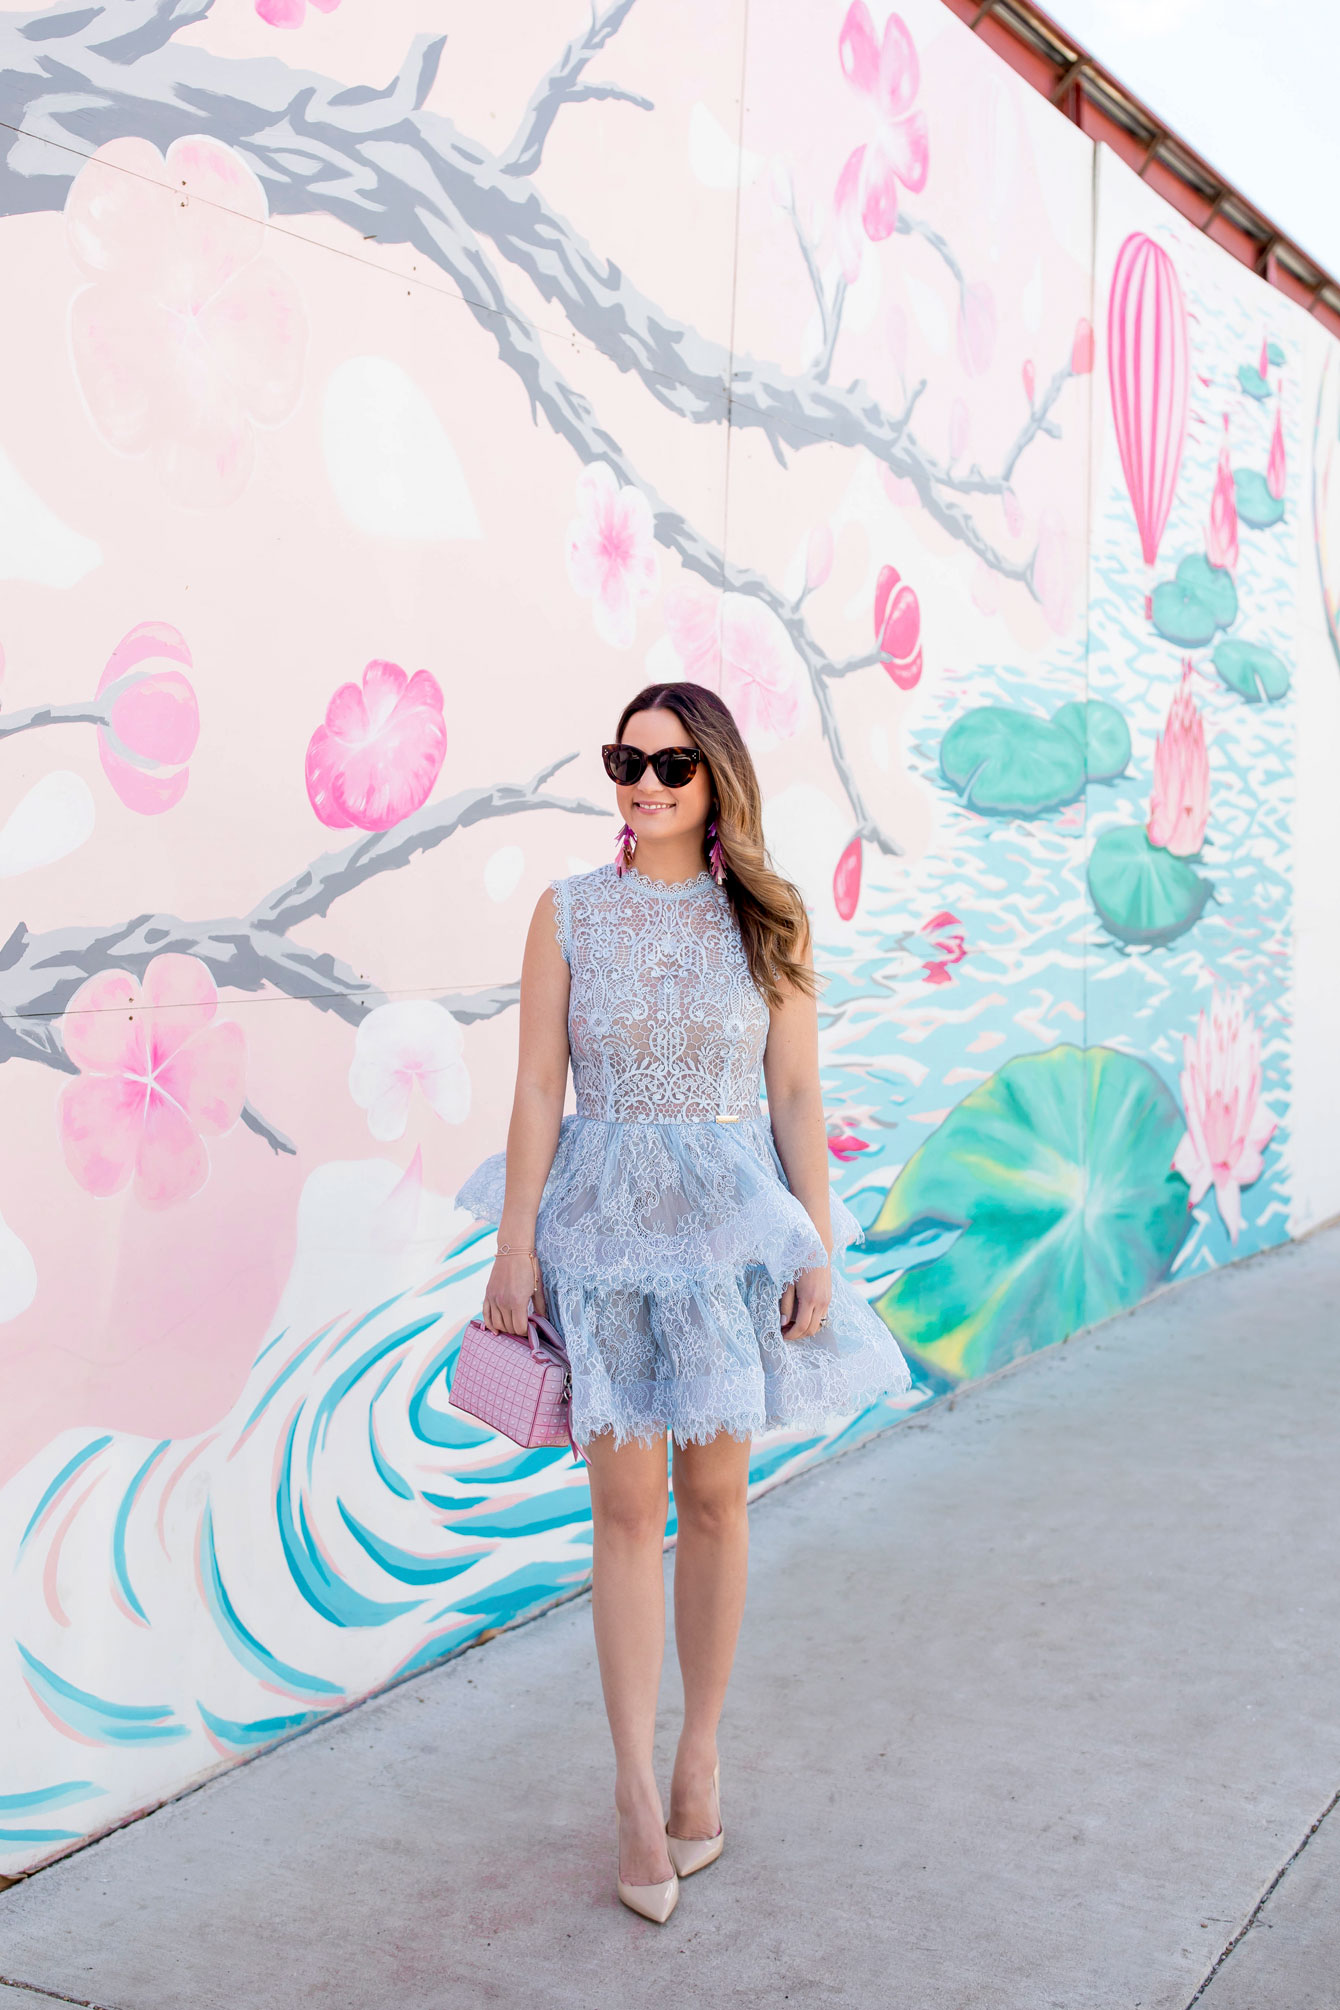 Dallas Pink Wall